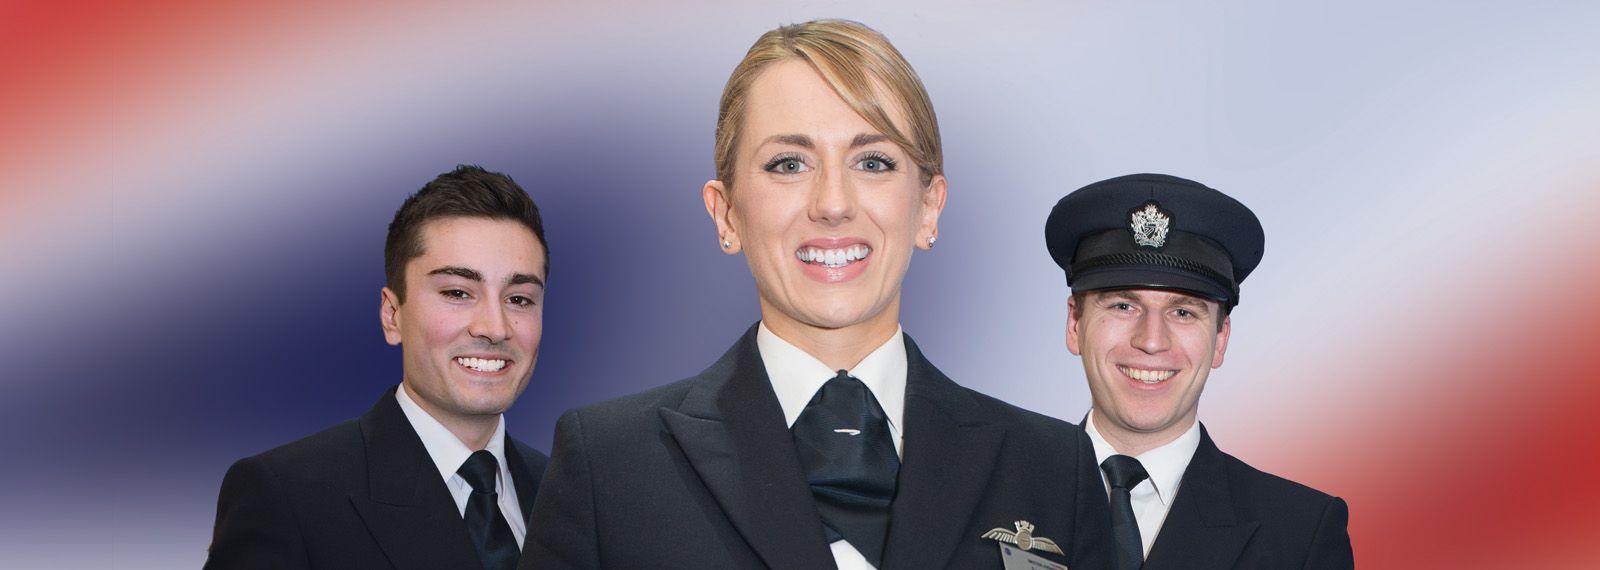 British Airways Graduates